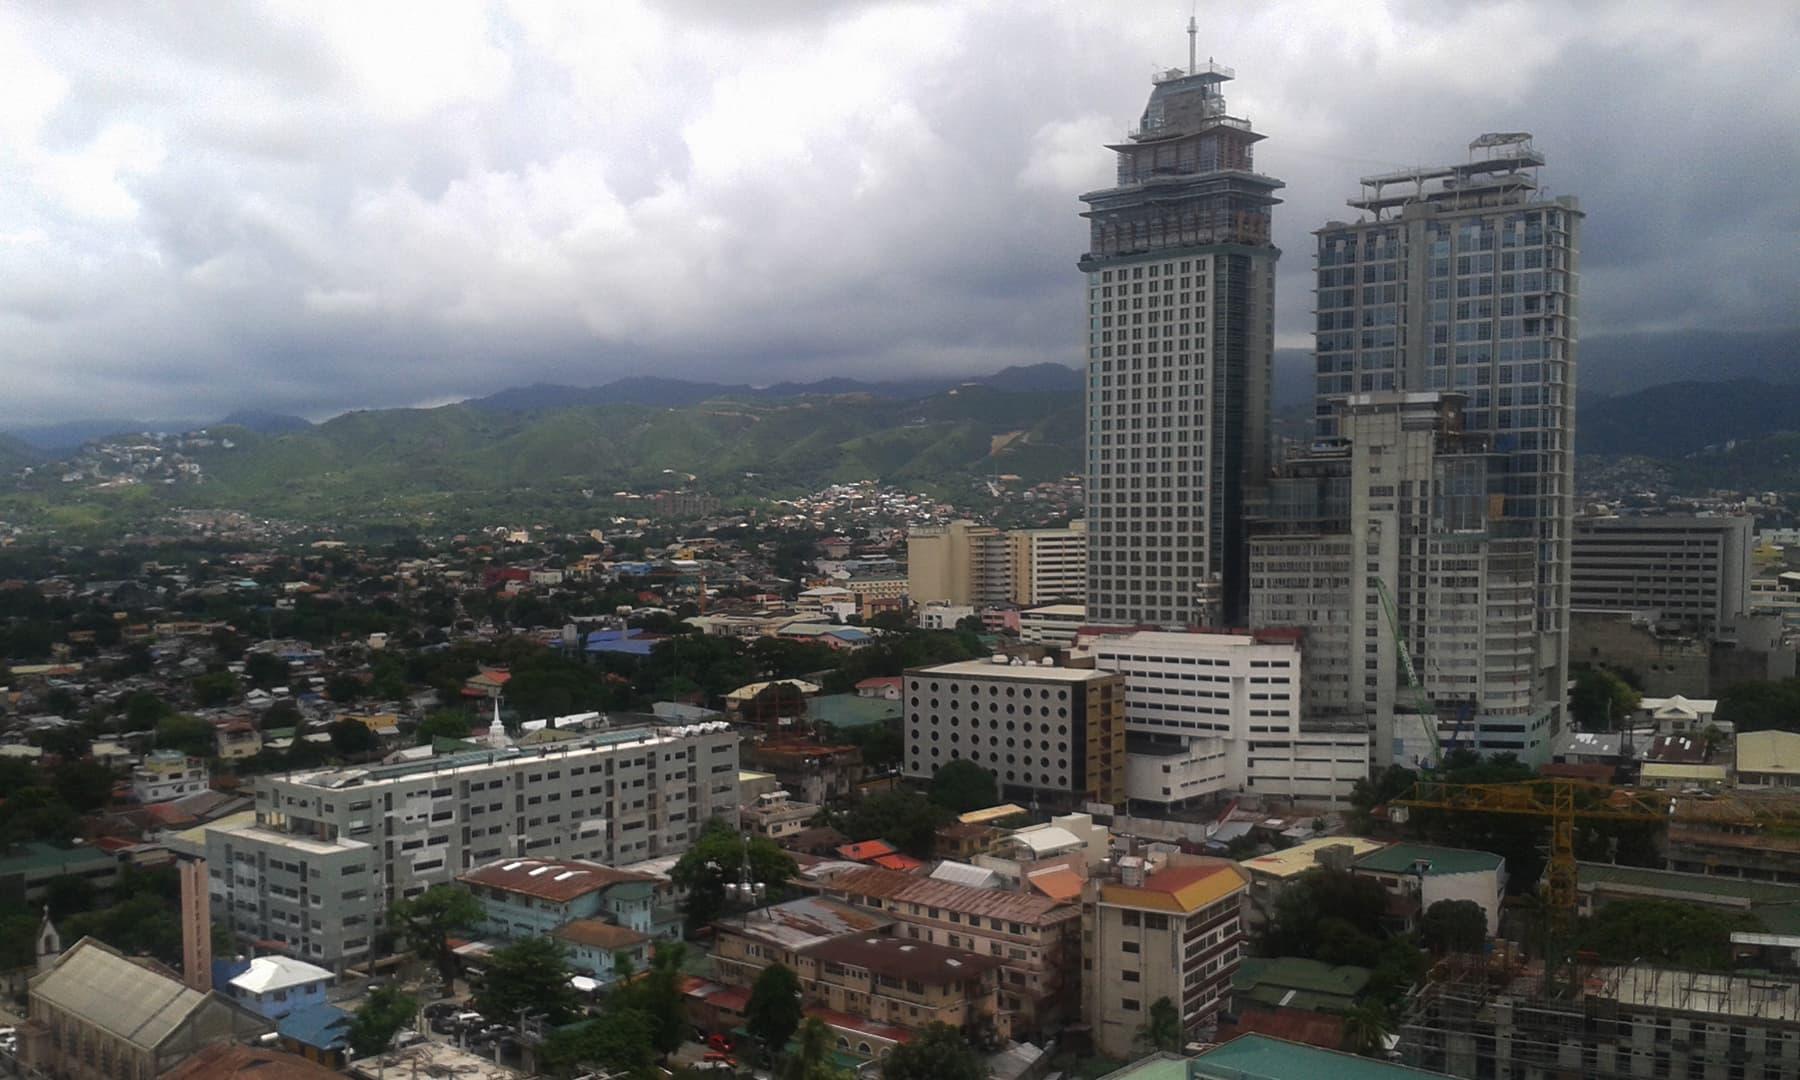 سیبو شہر کا نظارہ—تصویر عظمت اکبر